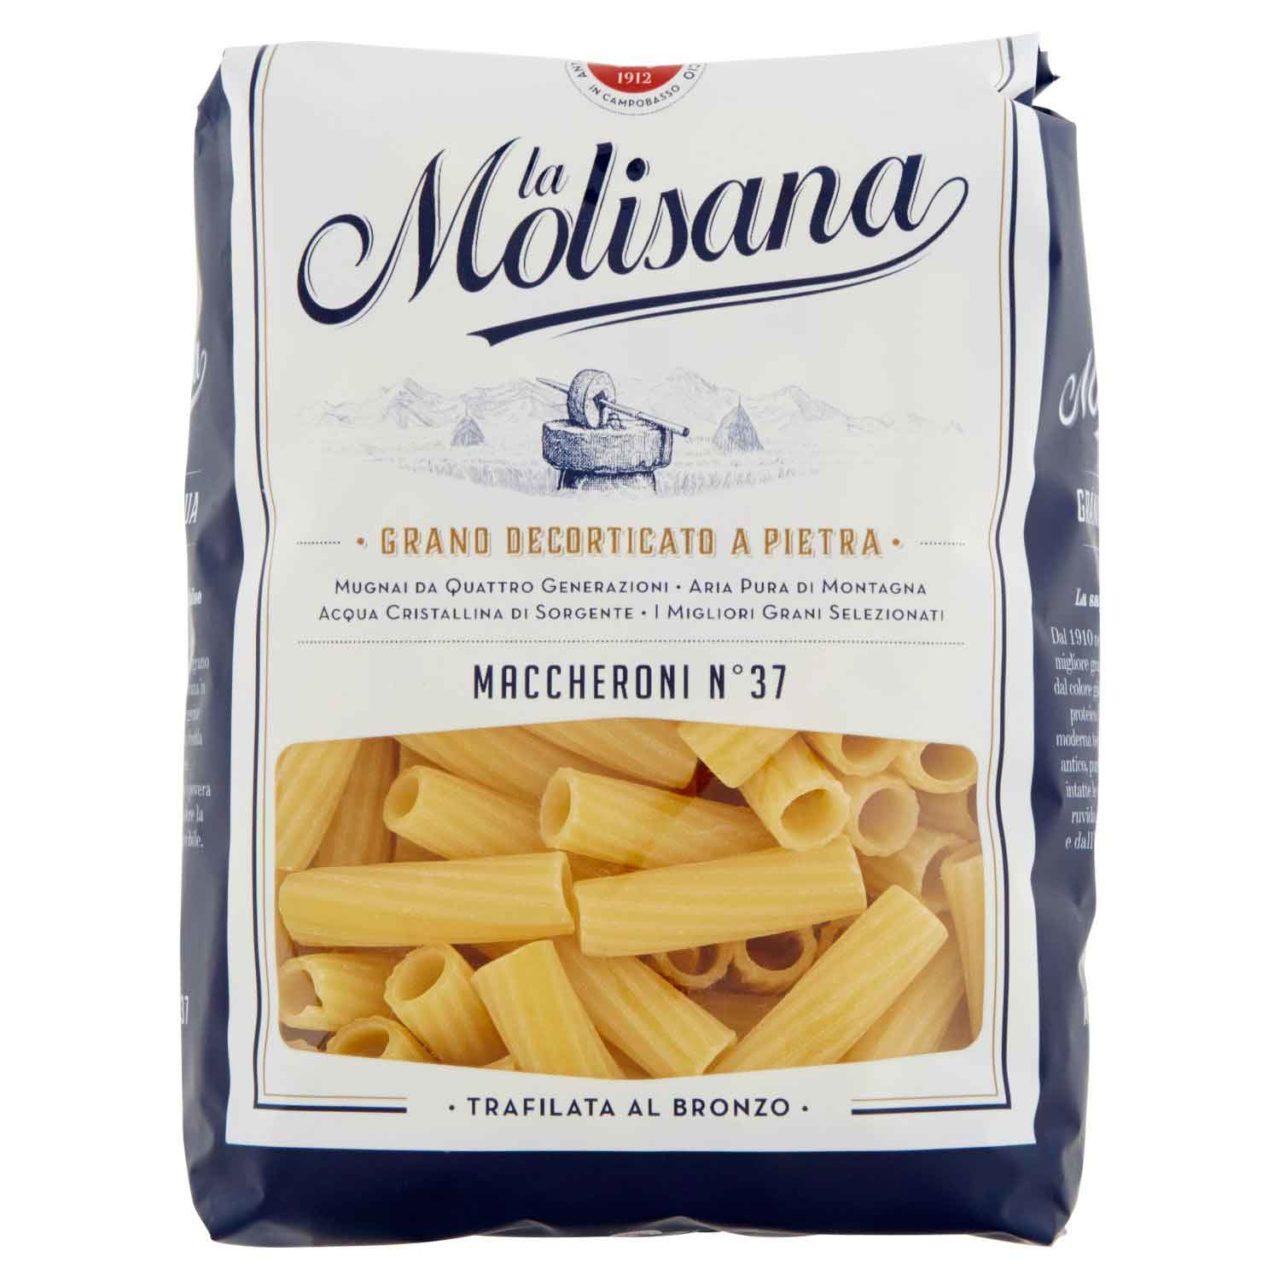 Pasta migliore al supermercato maccheroni La Molisana